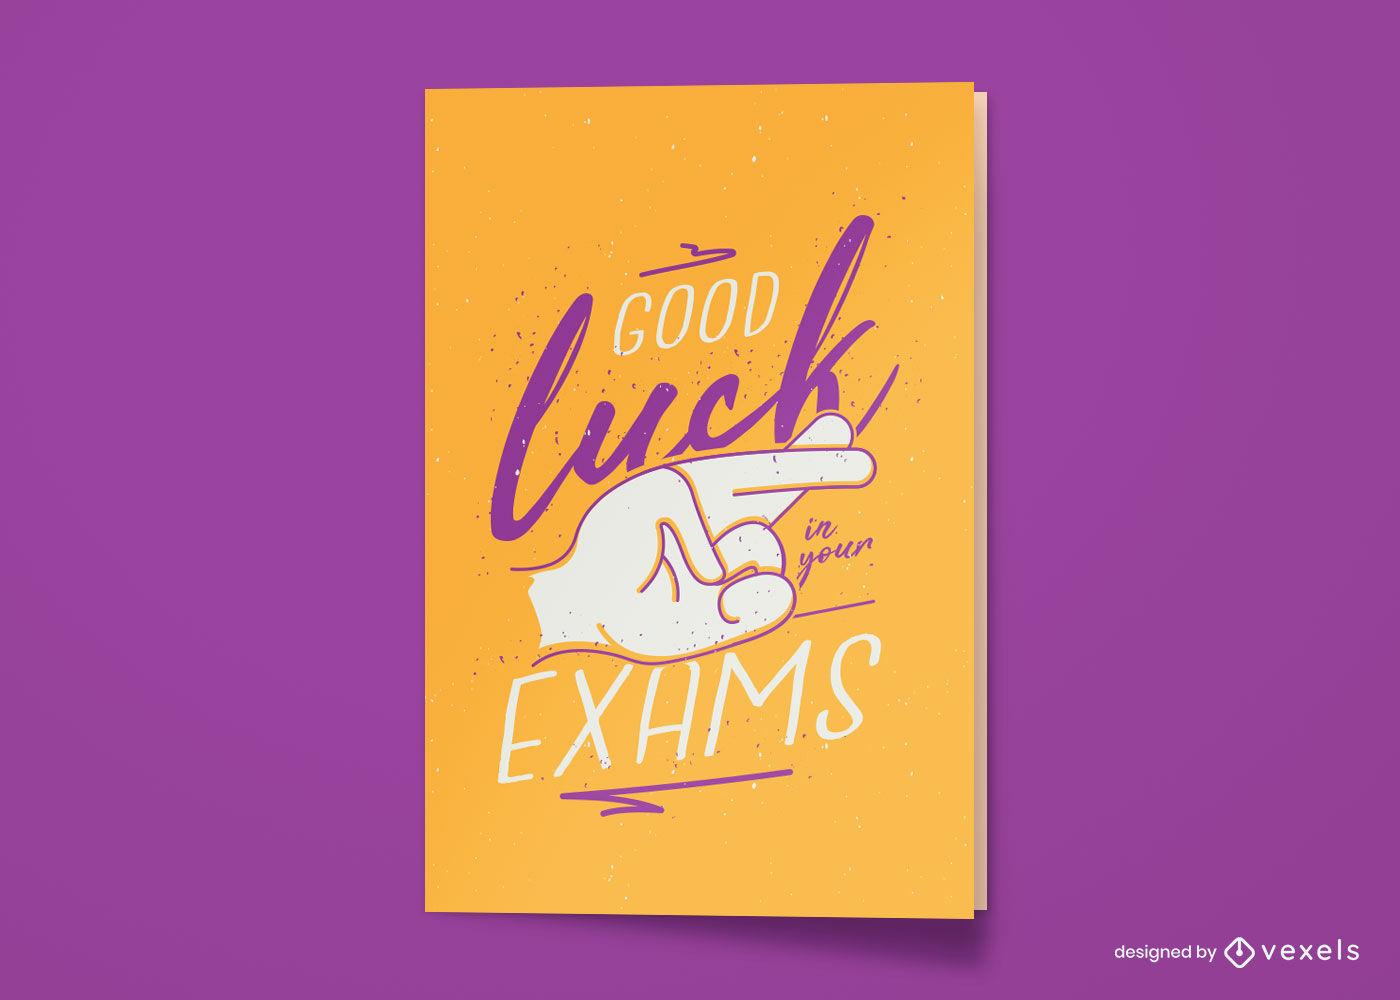 Diseño de tarjeta de felicitación de examen de buena suerte